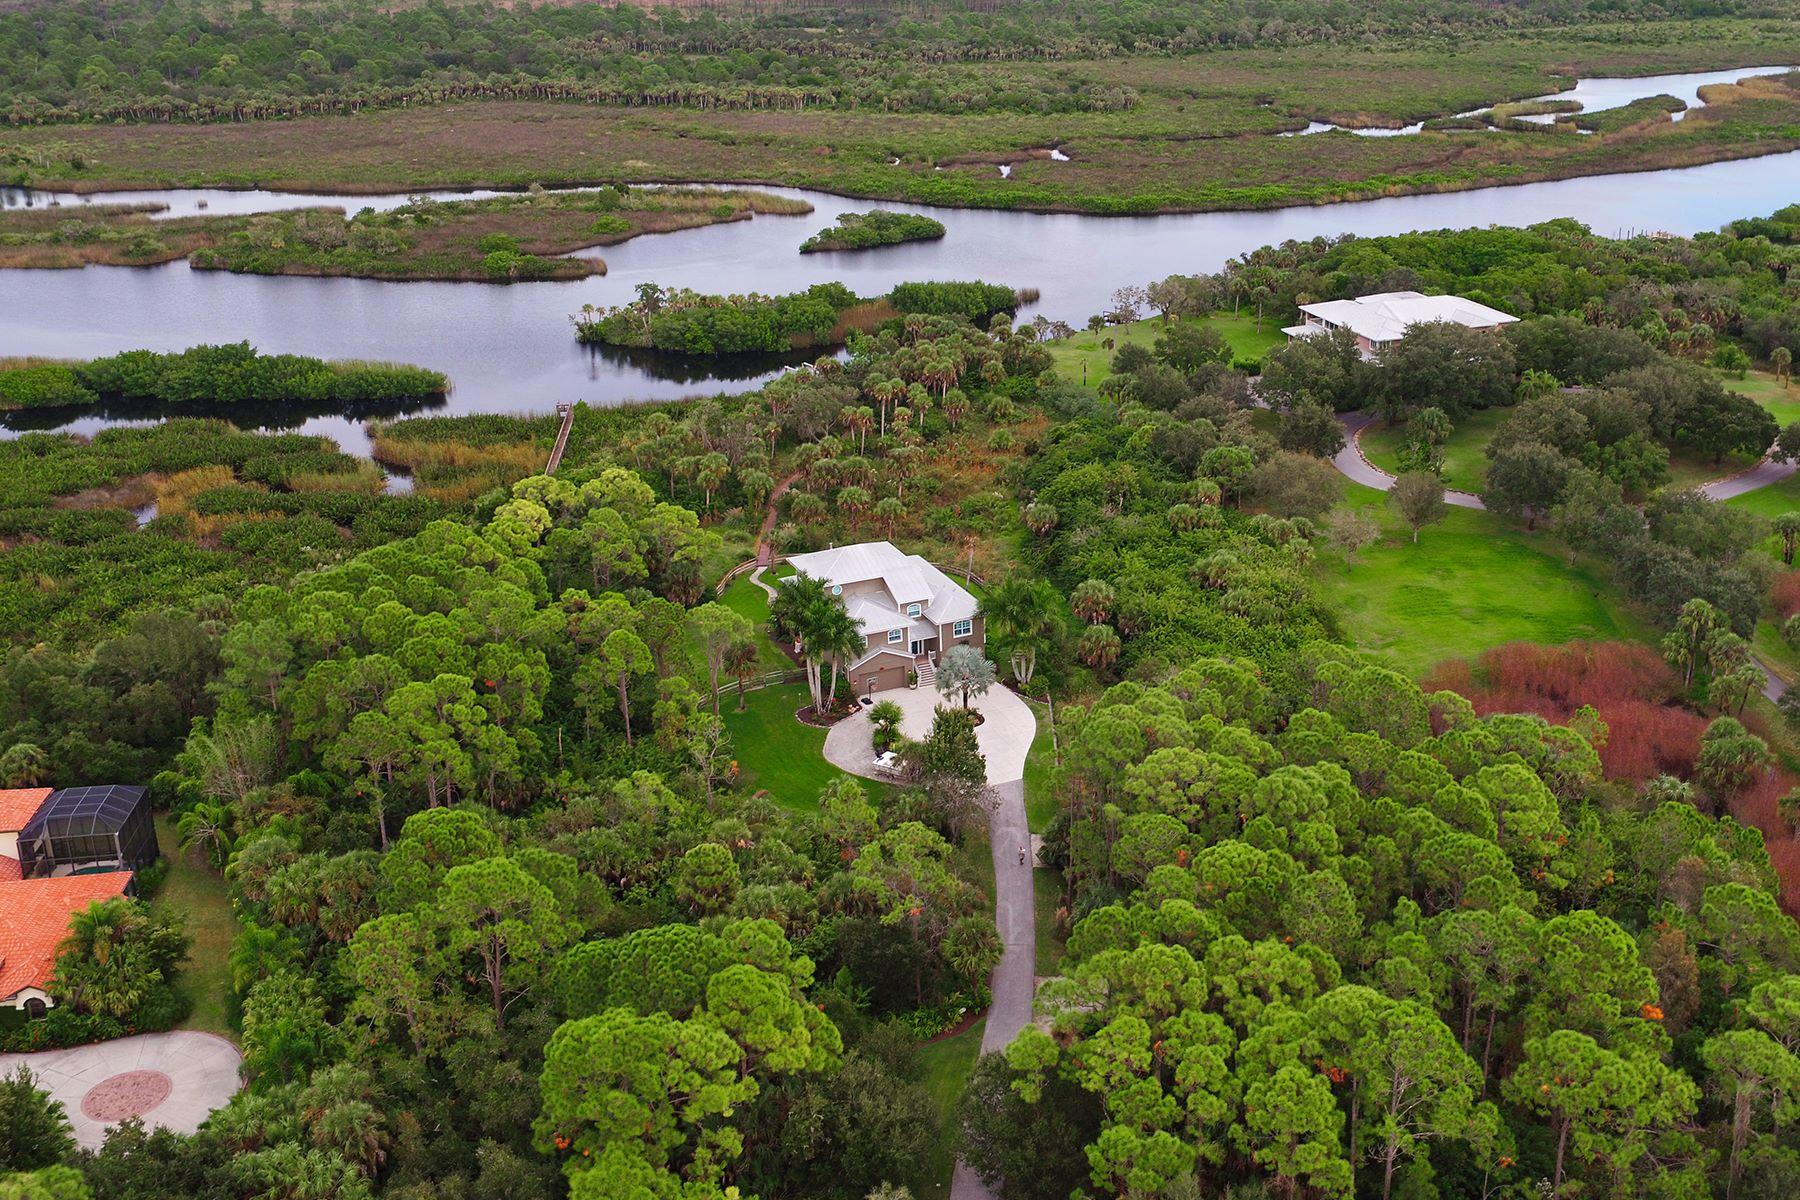 Частный односемейный дом для того Продажа на MYAKKA RIVER TRAILS 528 N River Rd Venice, Флорида, 34293 Соединенные Штаты